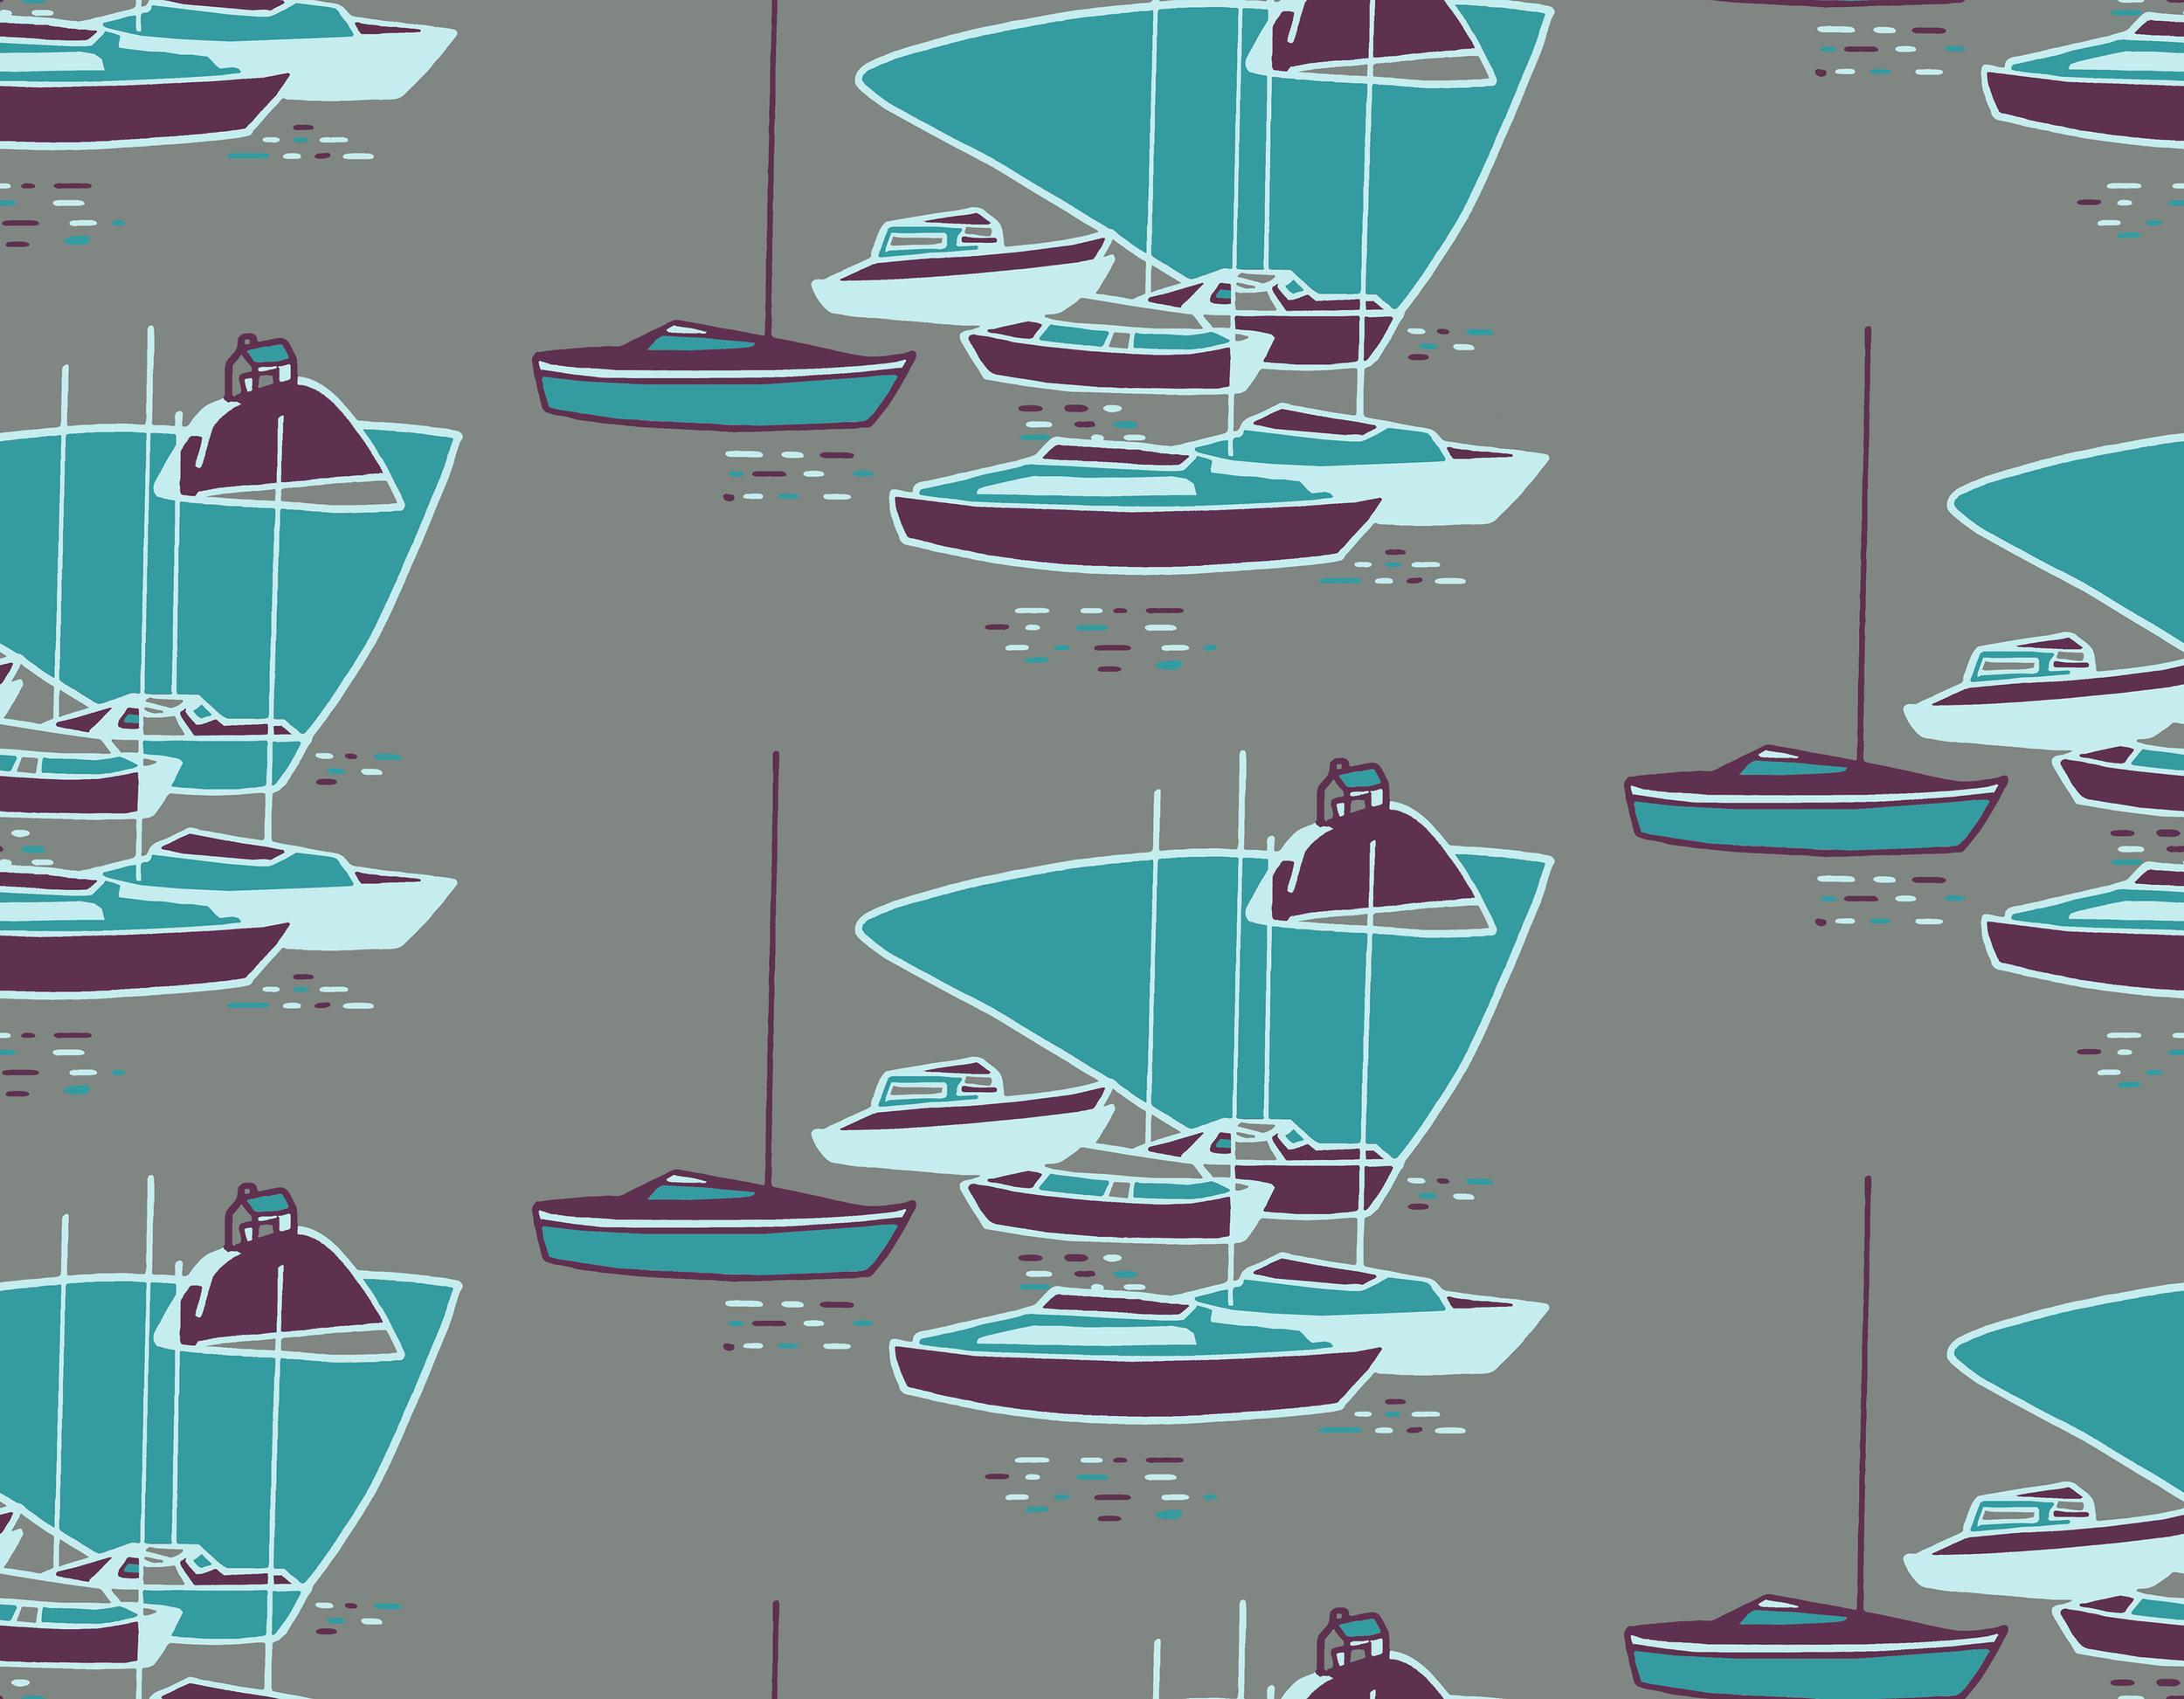 Boats design purple